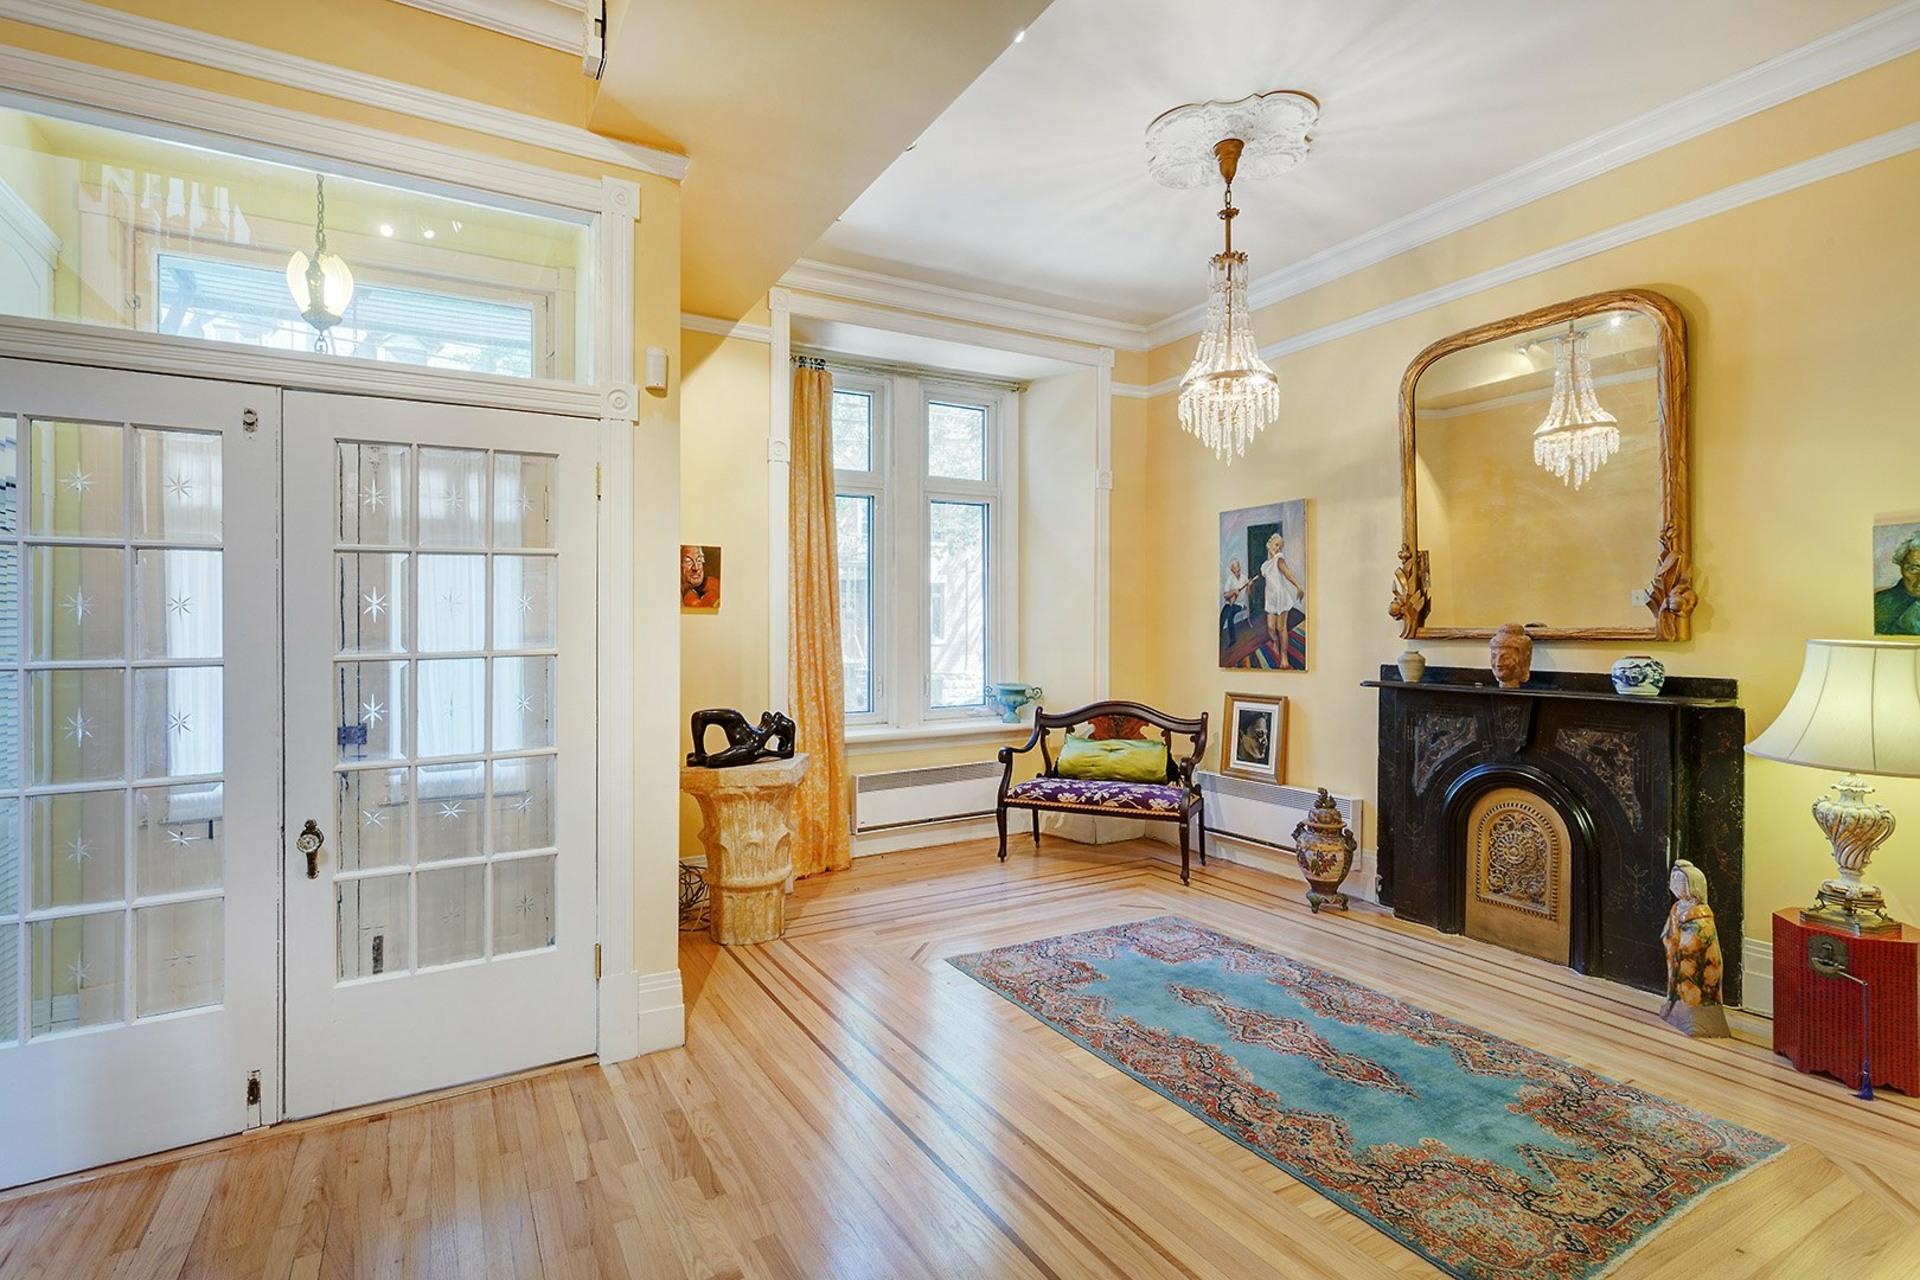 image 2 - Maison À vendre Le Plateau-Mont-Royal Montréal  - 14 pièces